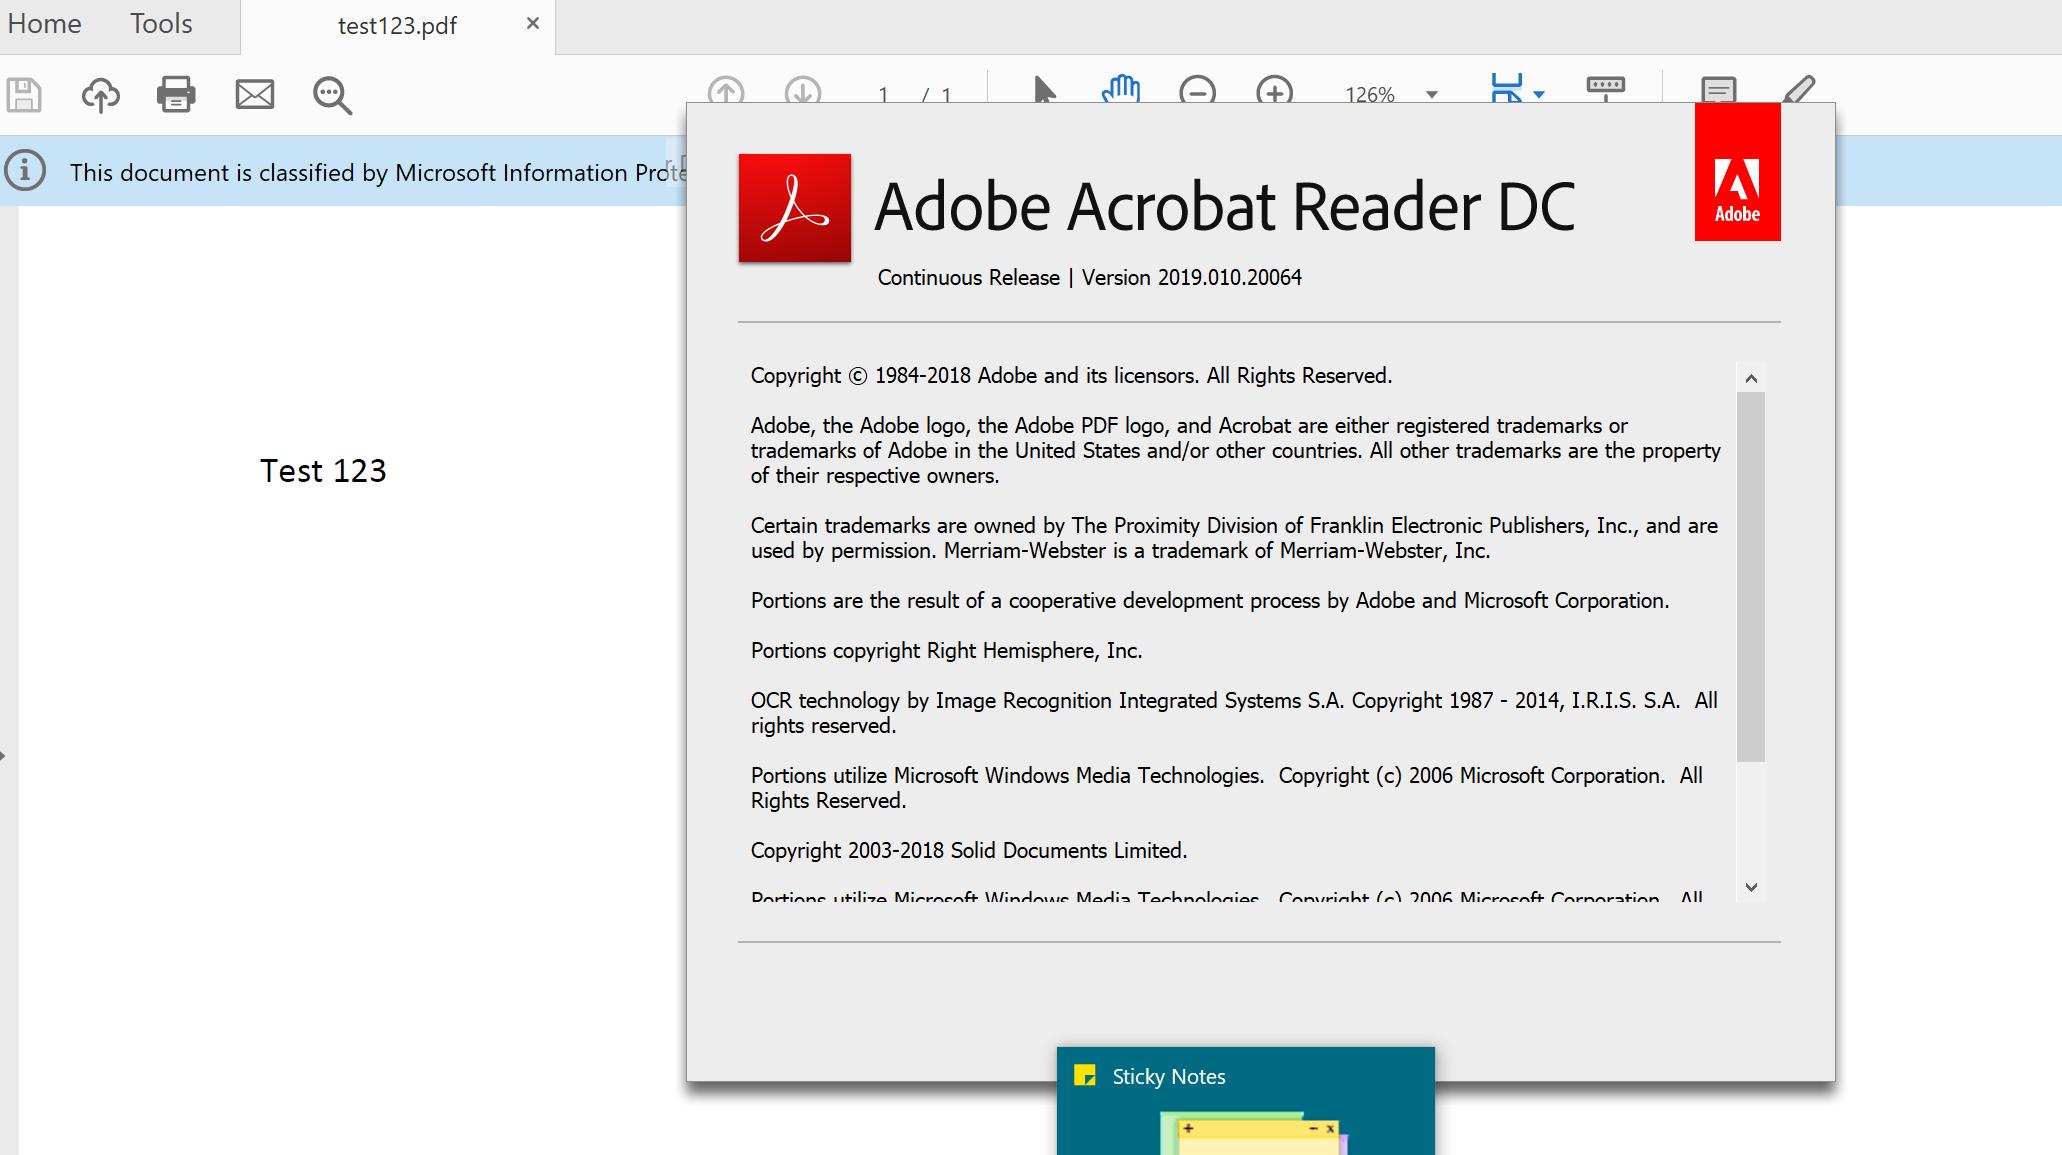 adobe reader acrord32.exe - application error